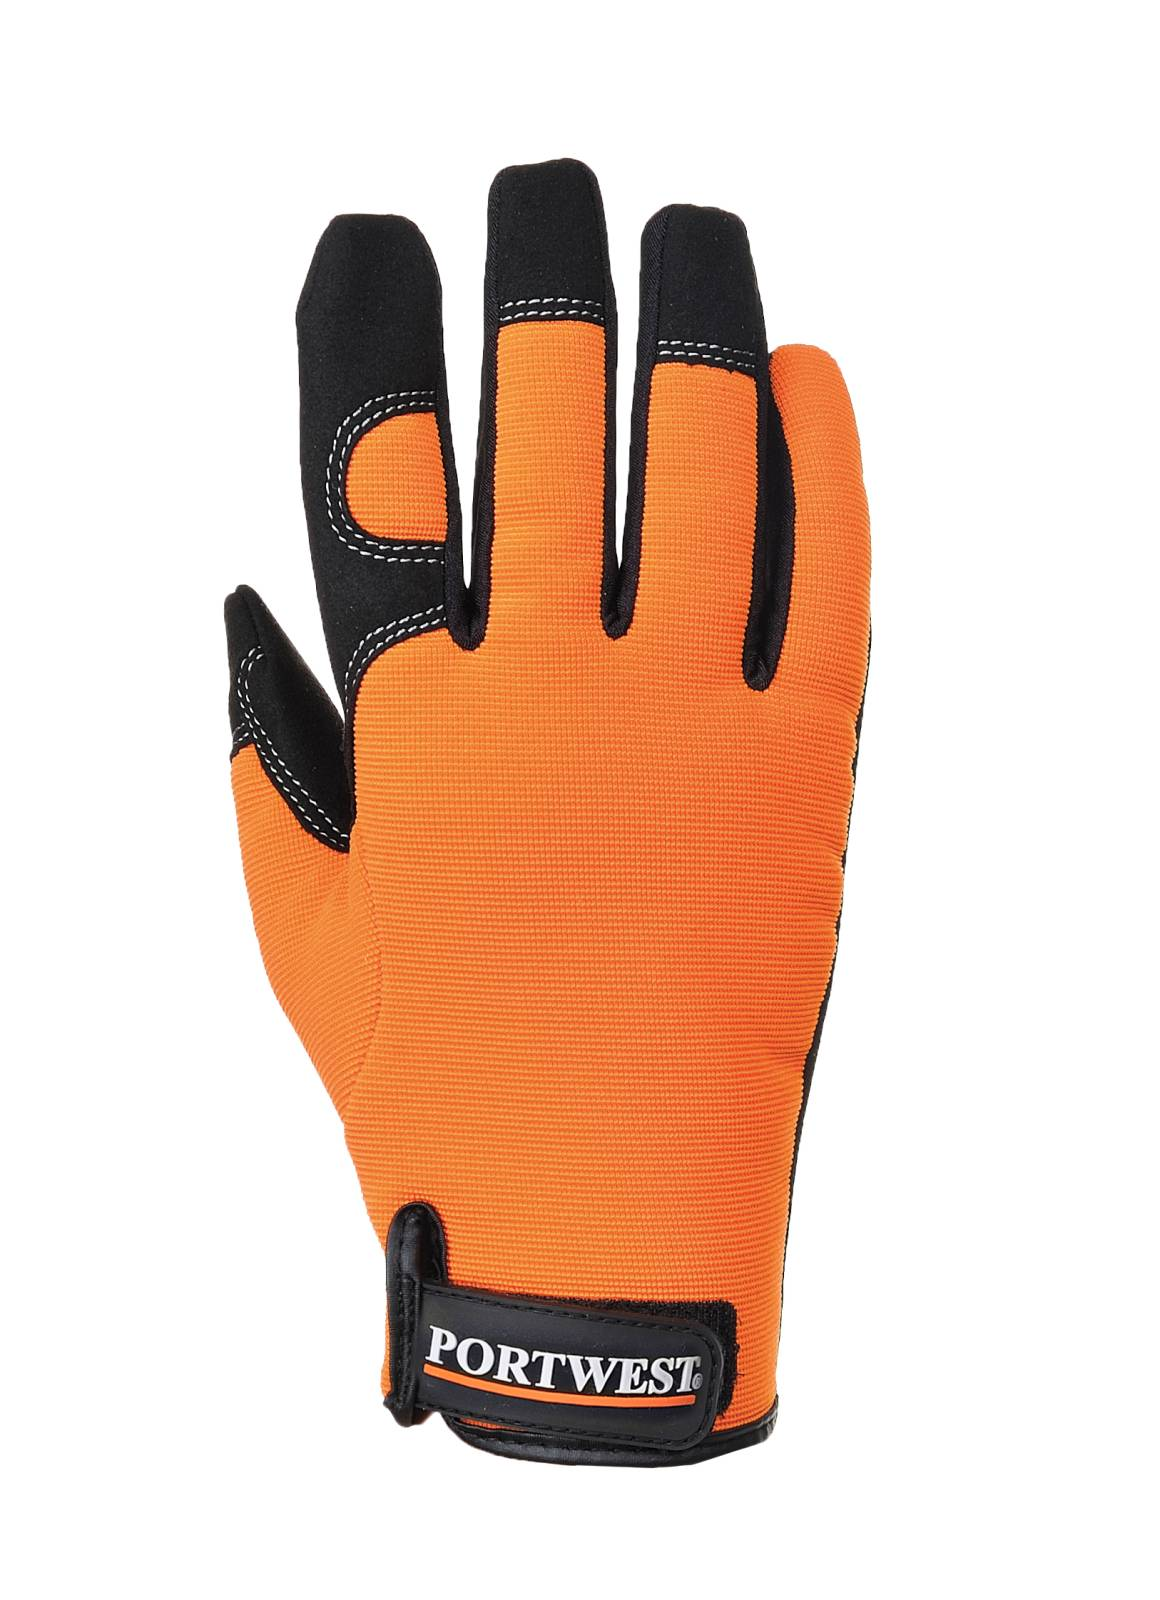 Portwest Handschoenen A700 oranje(OR)